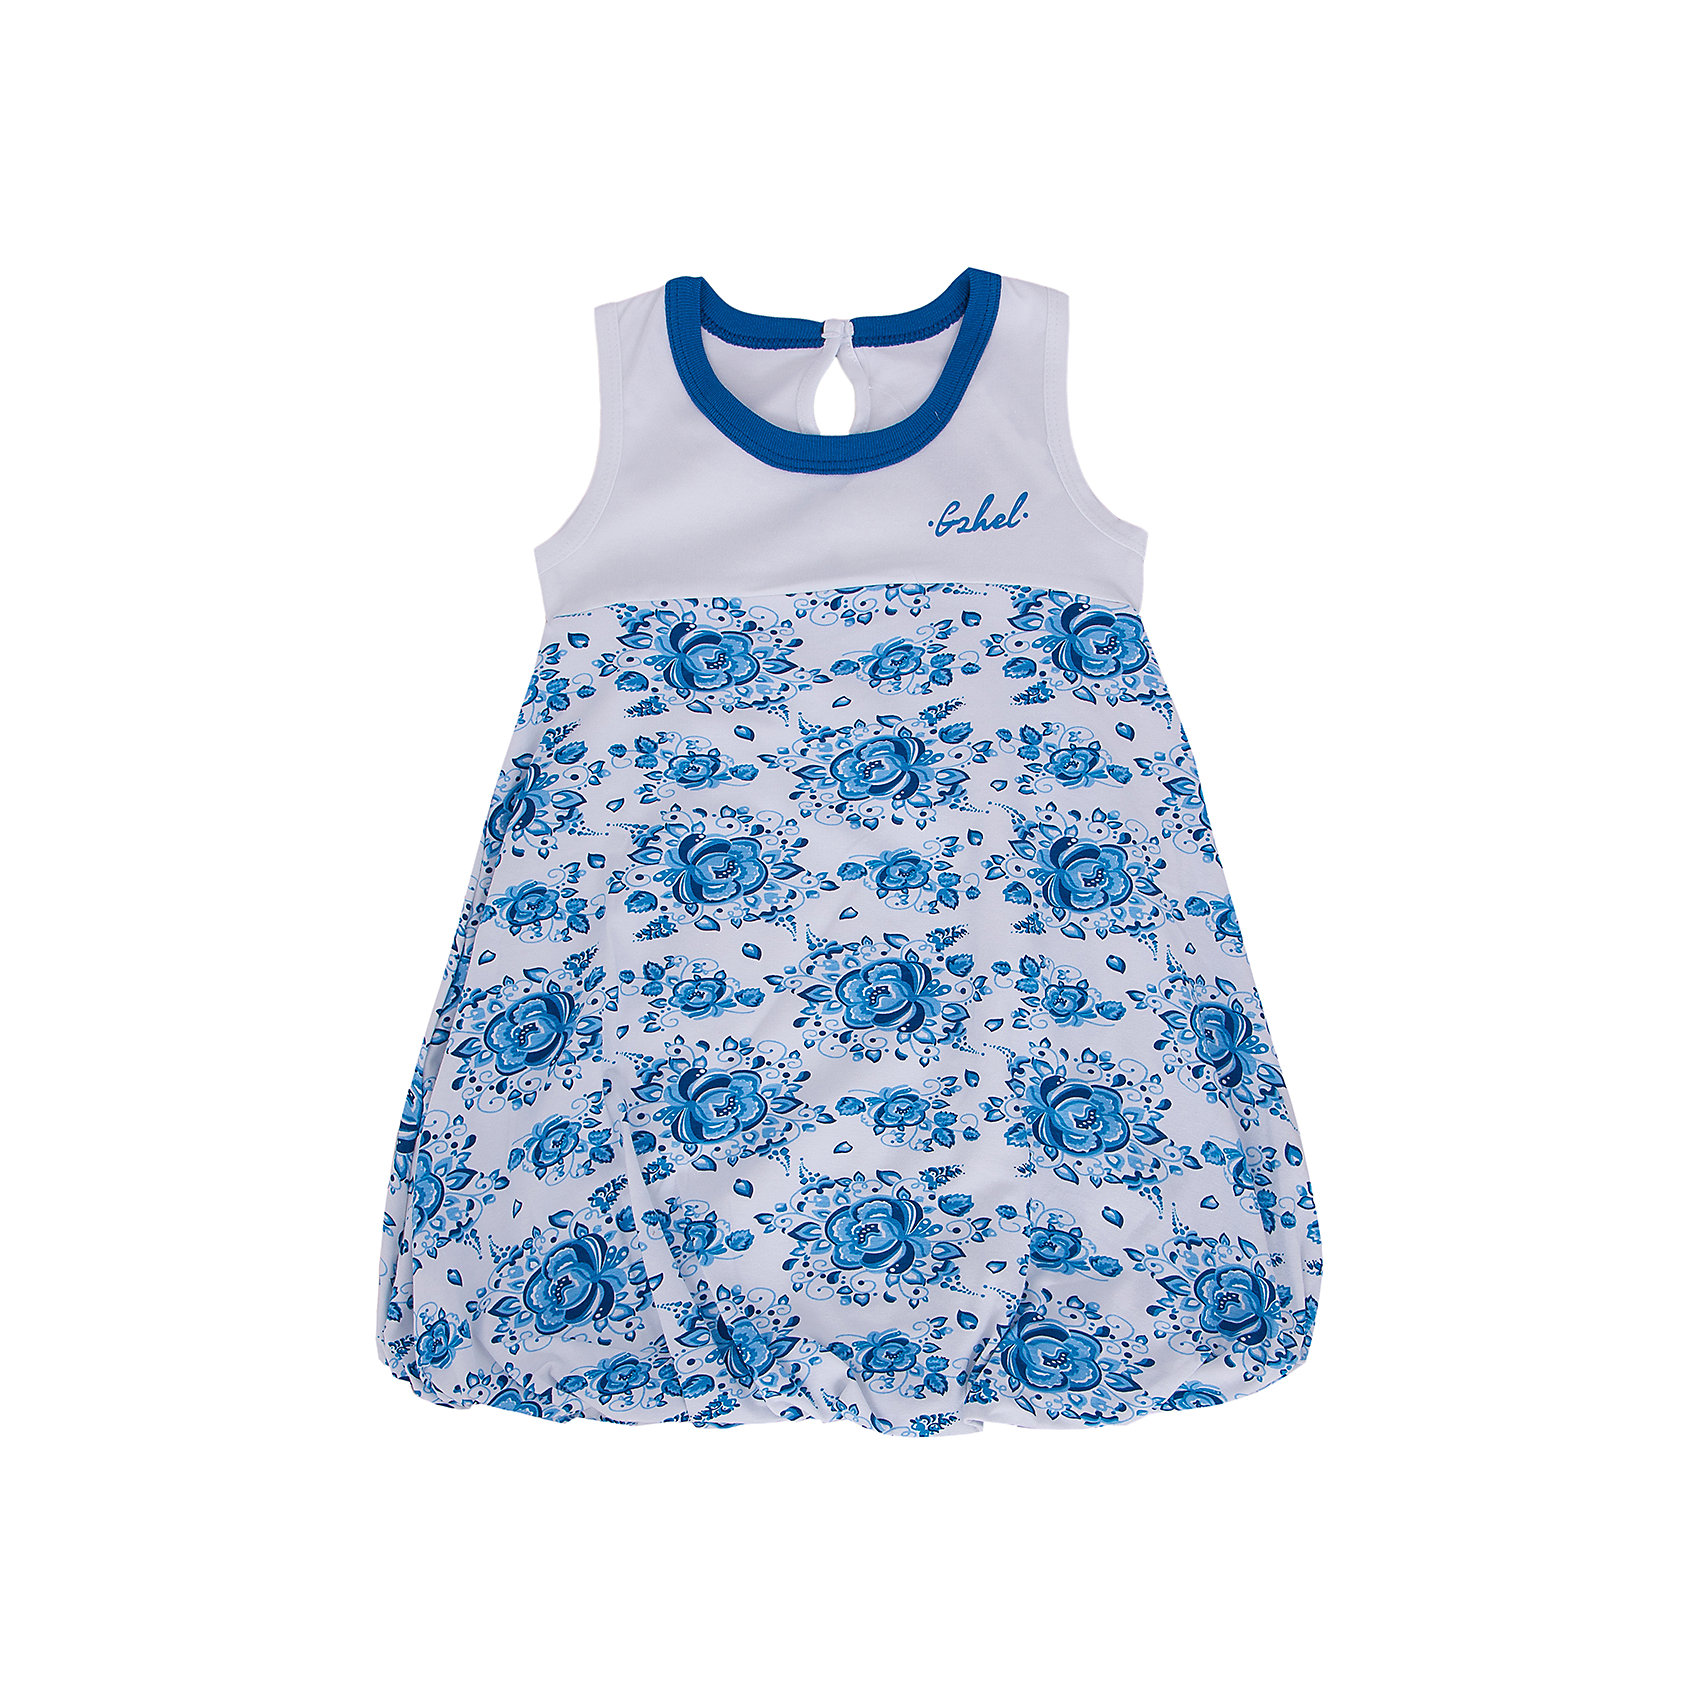 Платье АпрельКрасивое платье выполнено из мягкого, легкого полотна. Приятный на ощупь, не сковывает движения, обеспечивая наибольший комфорт. Платье украшено дизайнерской печатью и набивкой. Оригинальный дизайн и модная расцветка делают его незаменимым предметом детского гардероба. Состав: 92% хлопок, 8% лайкра<br><br>Ширина мм: 236<br>Глубина мм: 16<br>Высота мм: 184<br>Вес г: 177<br>Цвет: синий<br>Возраст от месяцев: 60<br>Возраст до месяцев: 72<br>Пол: Женский<br>Возраст: Детский<br>Размер: 116,128,104,110,122,92,98<br>SKU: 4630492